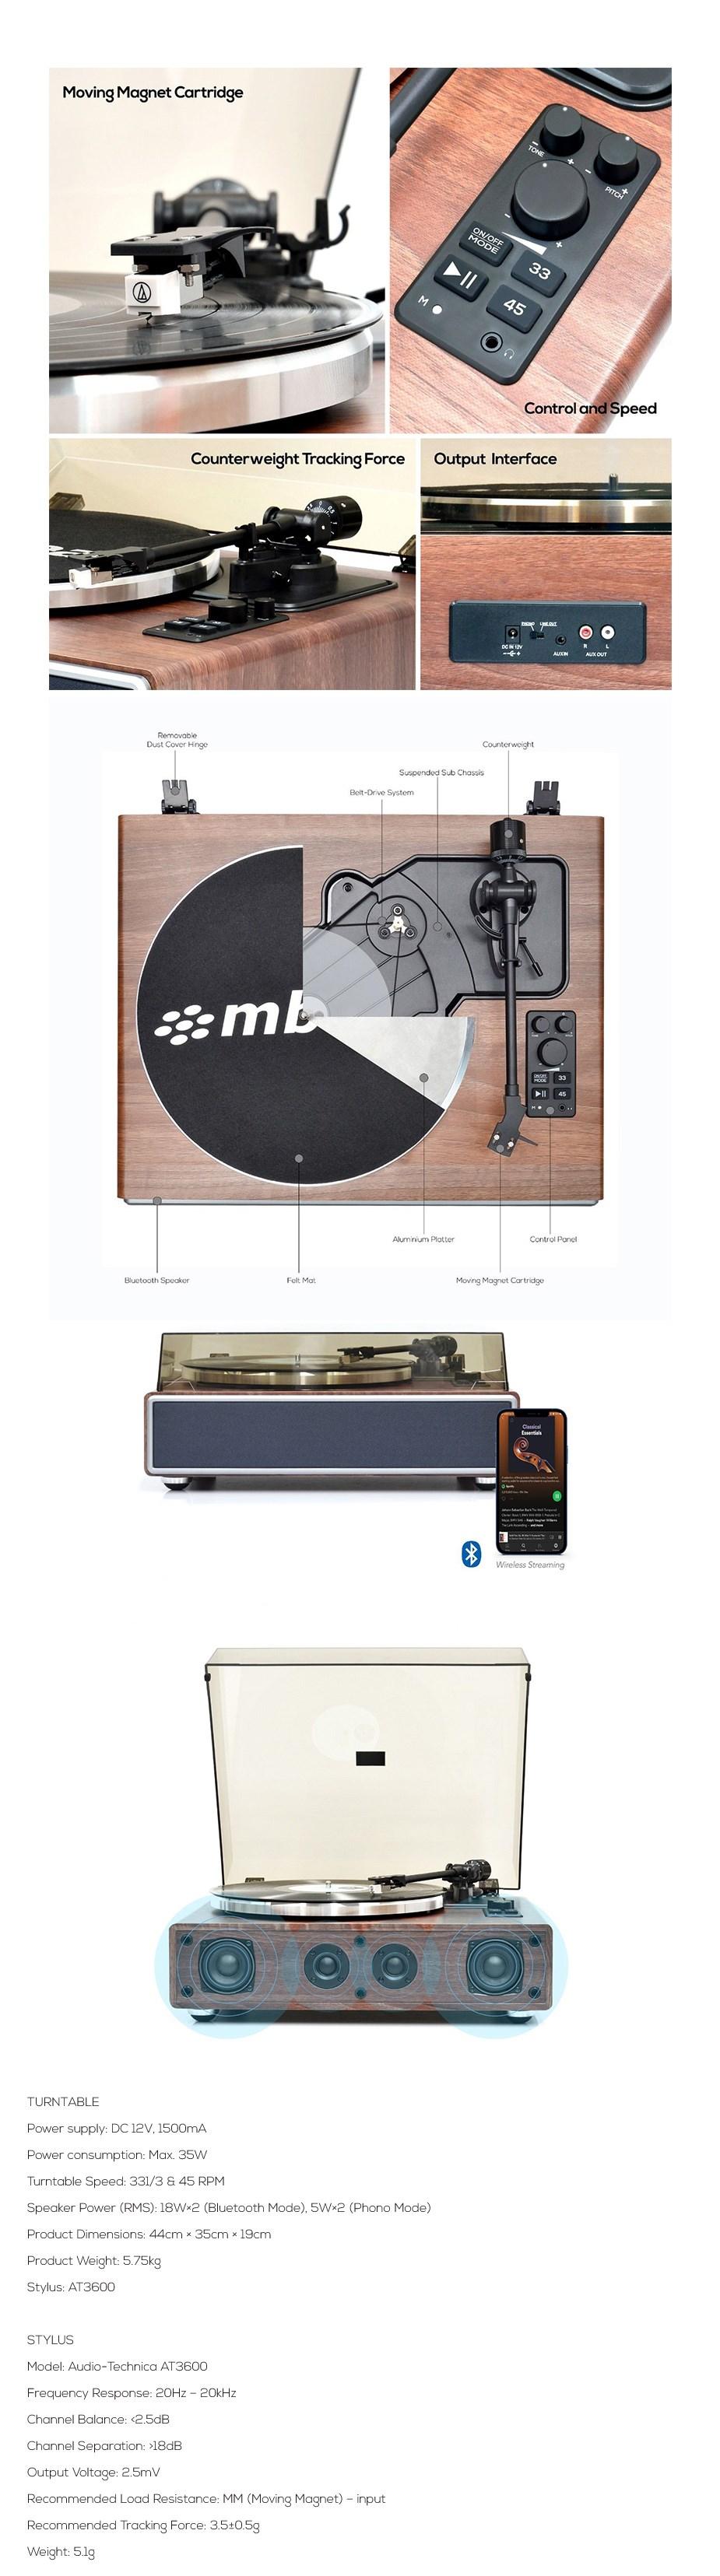 mbeat-mbpt38-hifi-bluetooth-turntable-with-speakers-ac43897-2.jpg